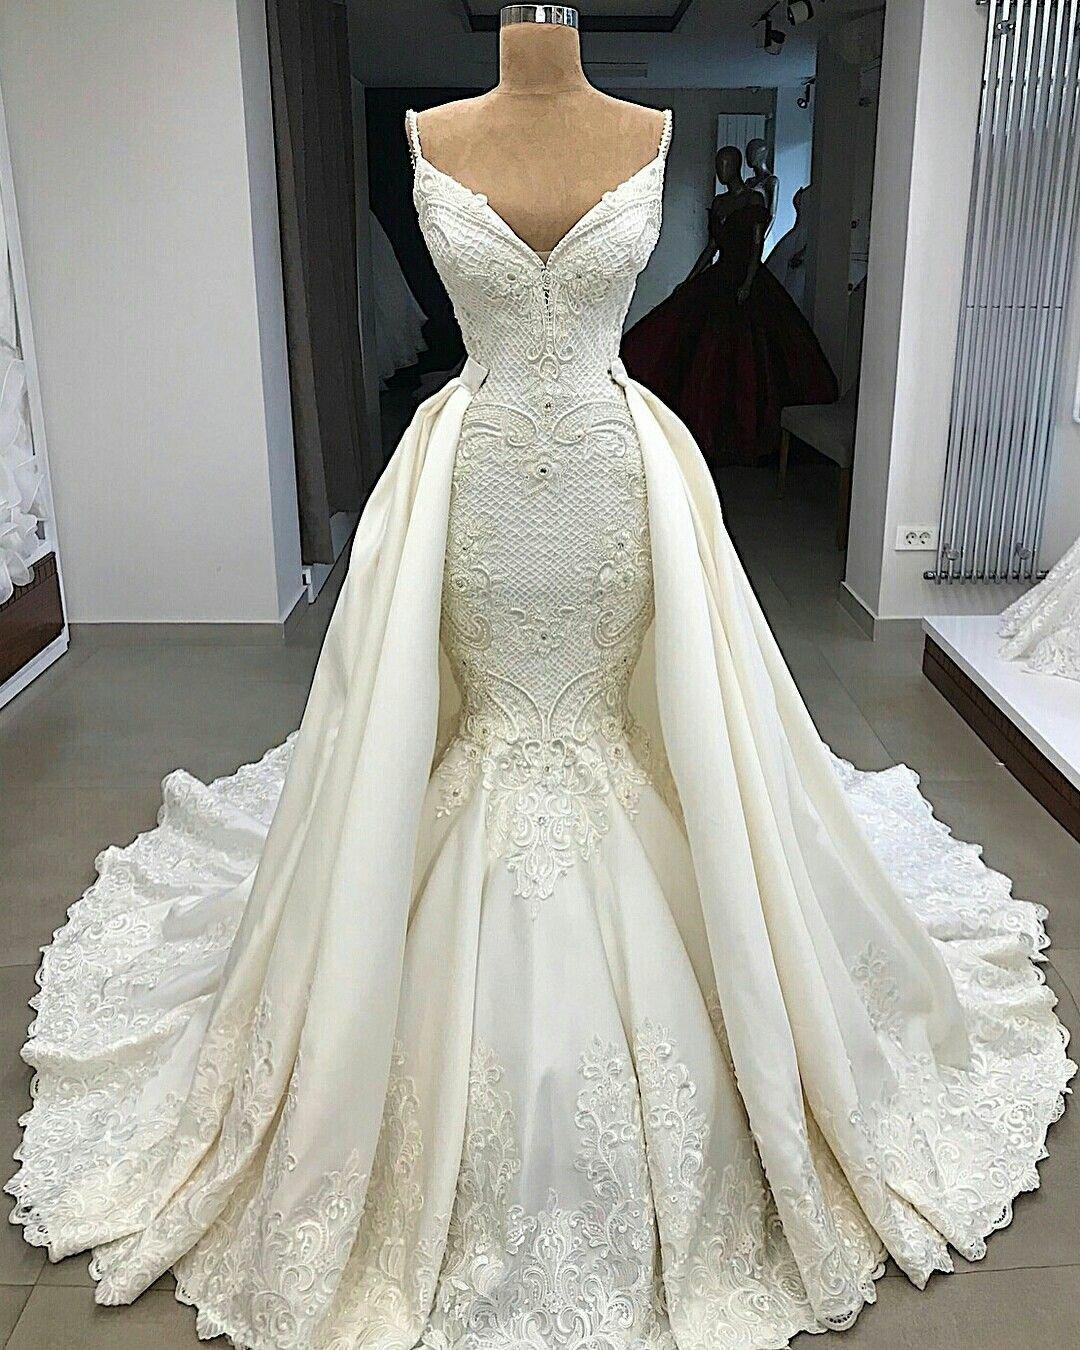 достопримечательности фото самых дорогих свадебных платьев мира вместе бушиным сразу